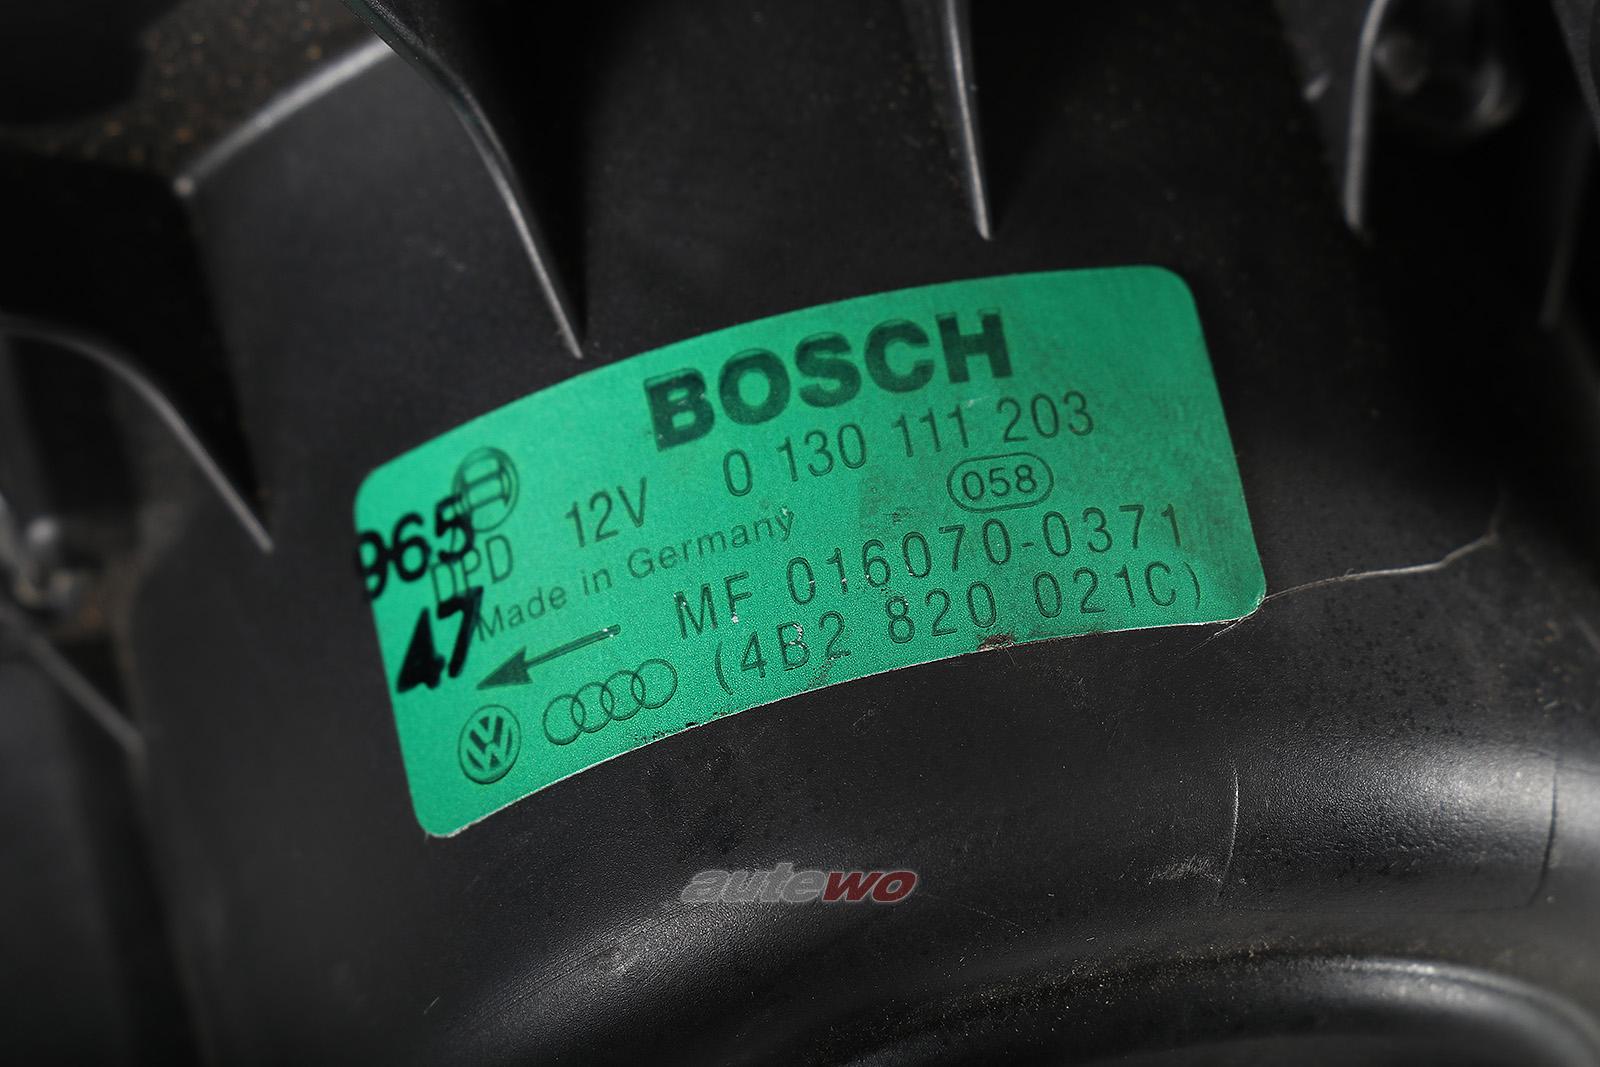 4B2820021C 0130111203 Audi A6/S6/RS6/Allroad 4B Innenraum Gebläse RHD